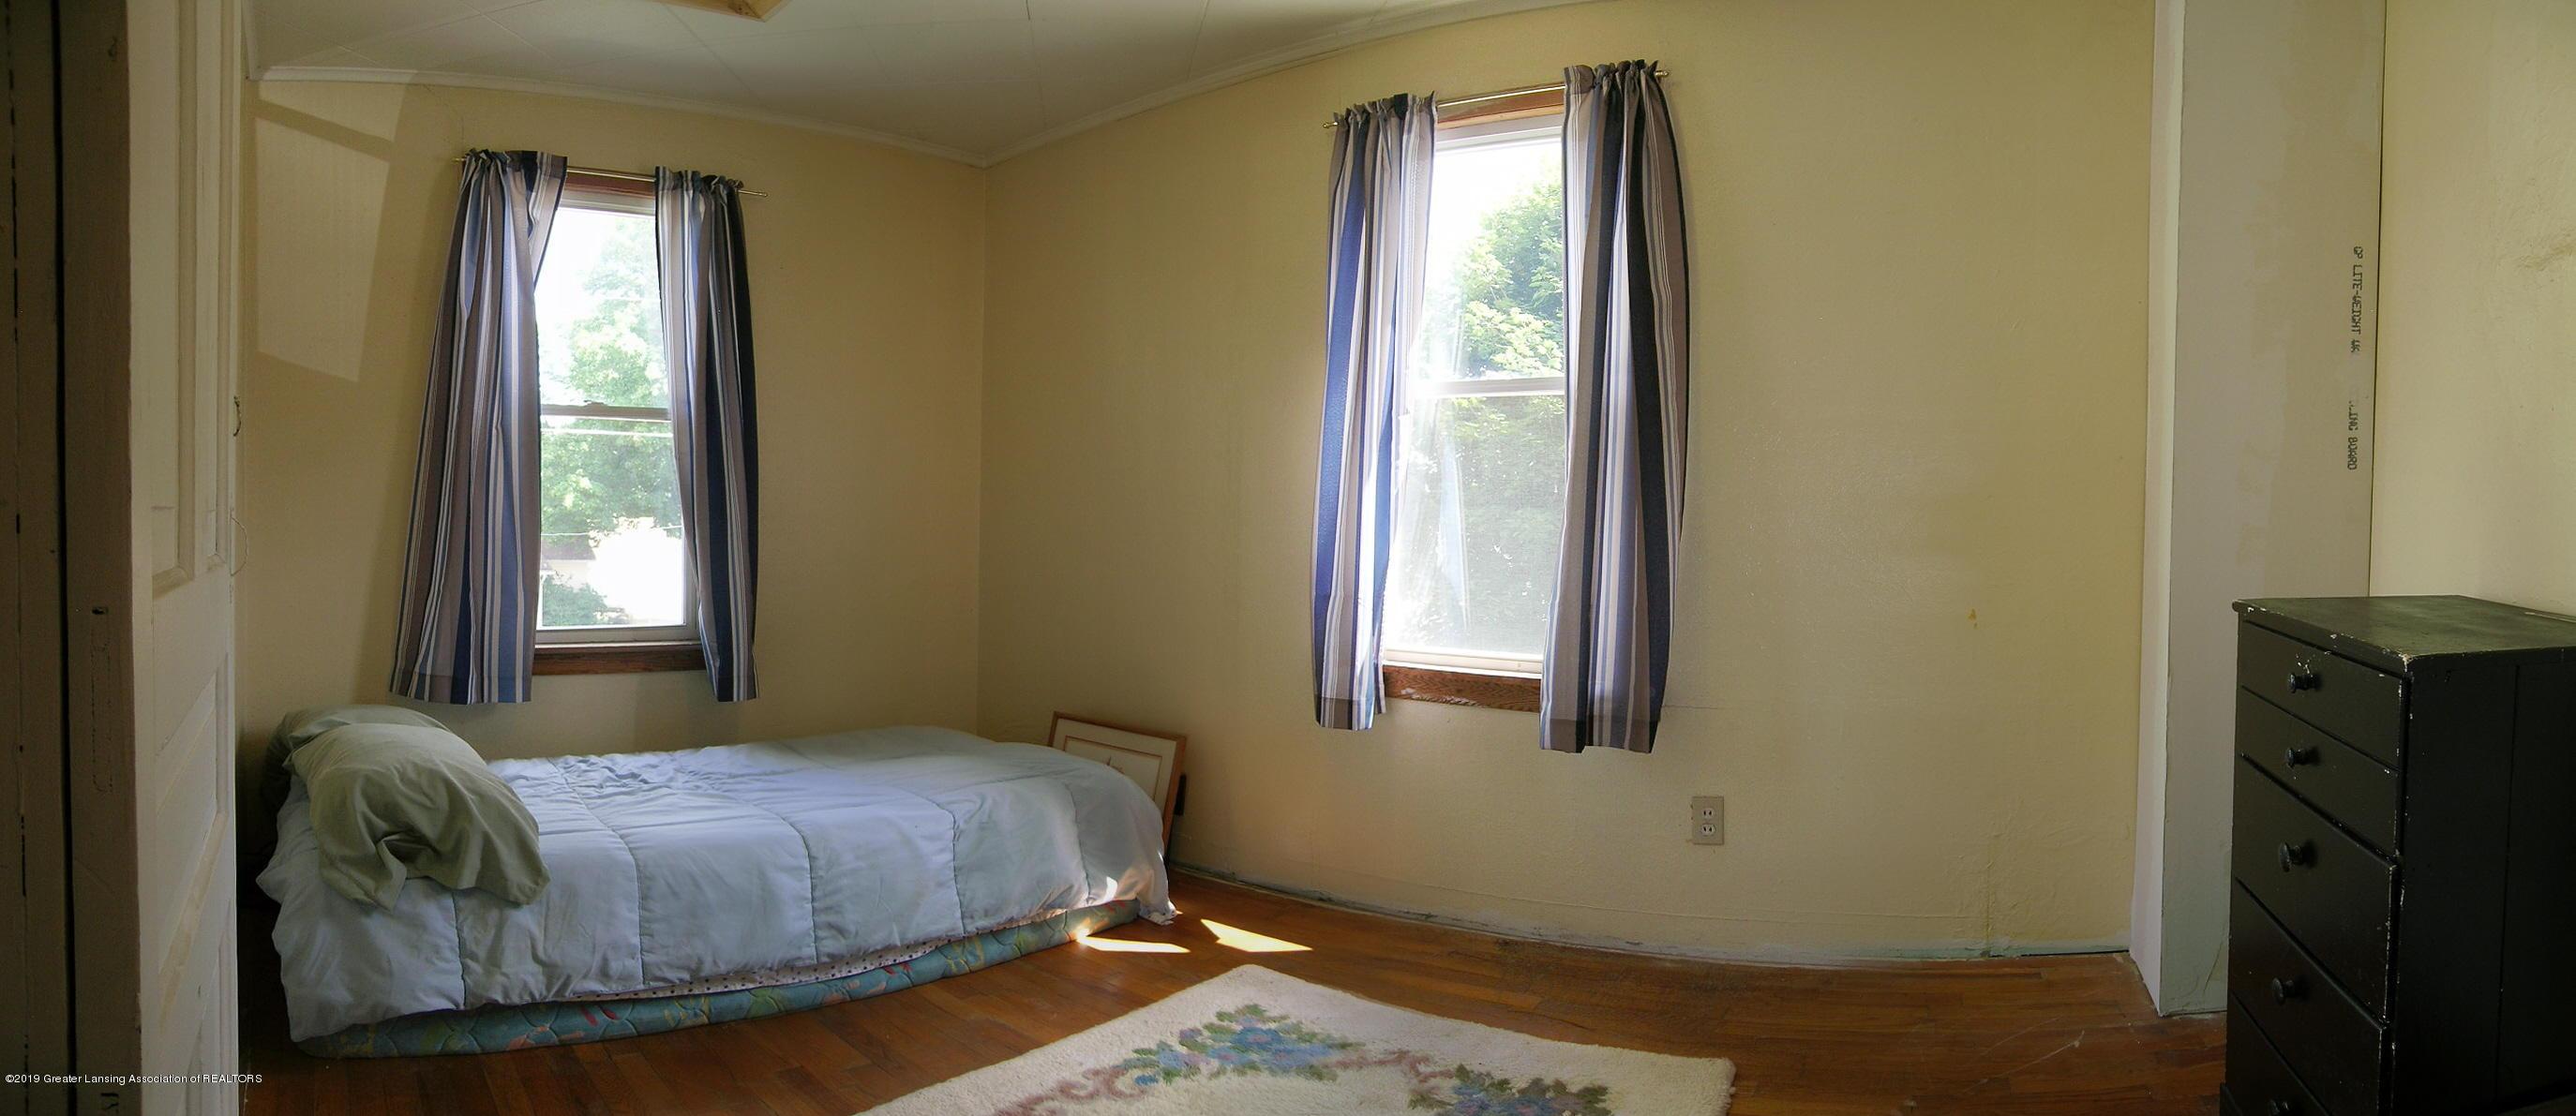 413 W Shepherd St - Bedroom 3 - 12